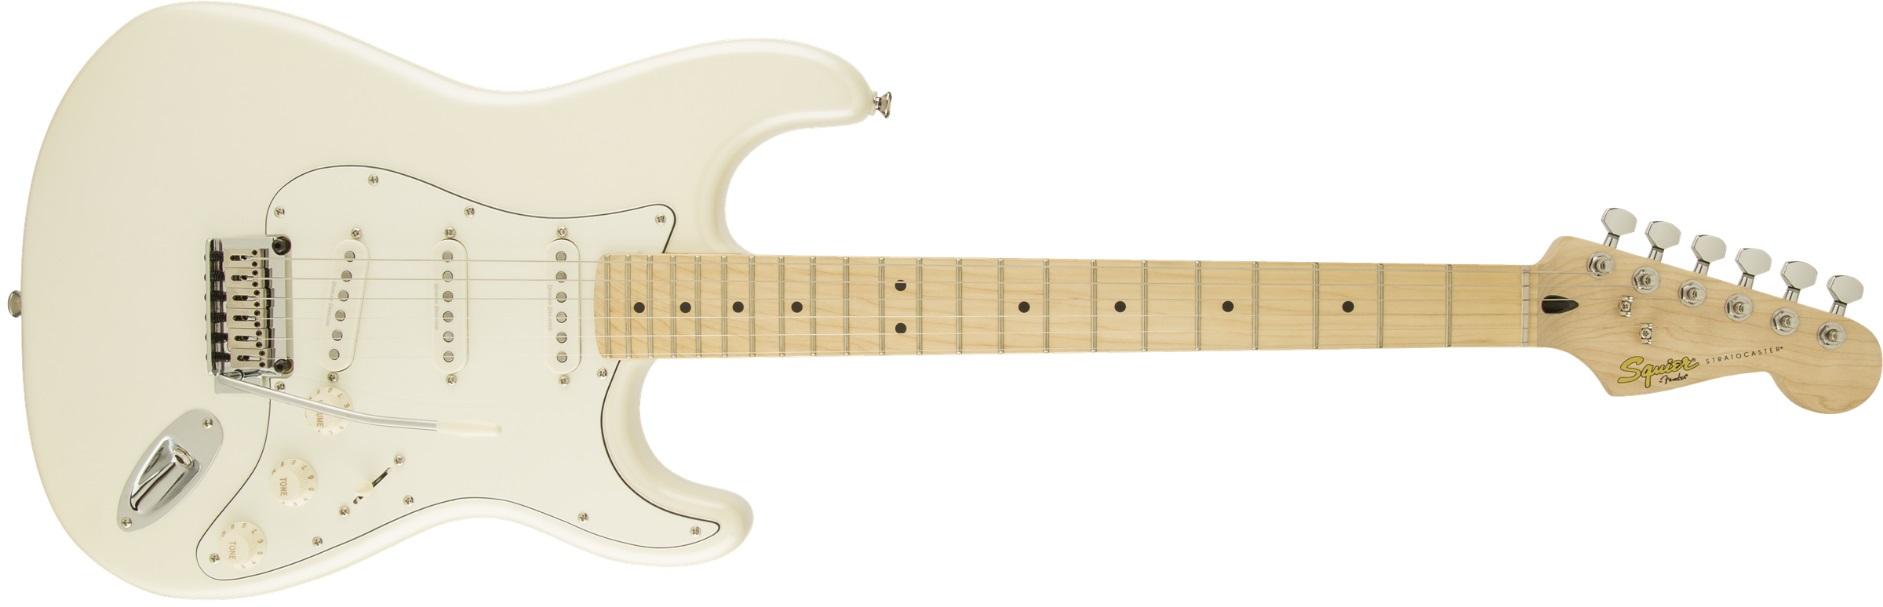 Fender Squier Deluxe Stratocaster MN OP